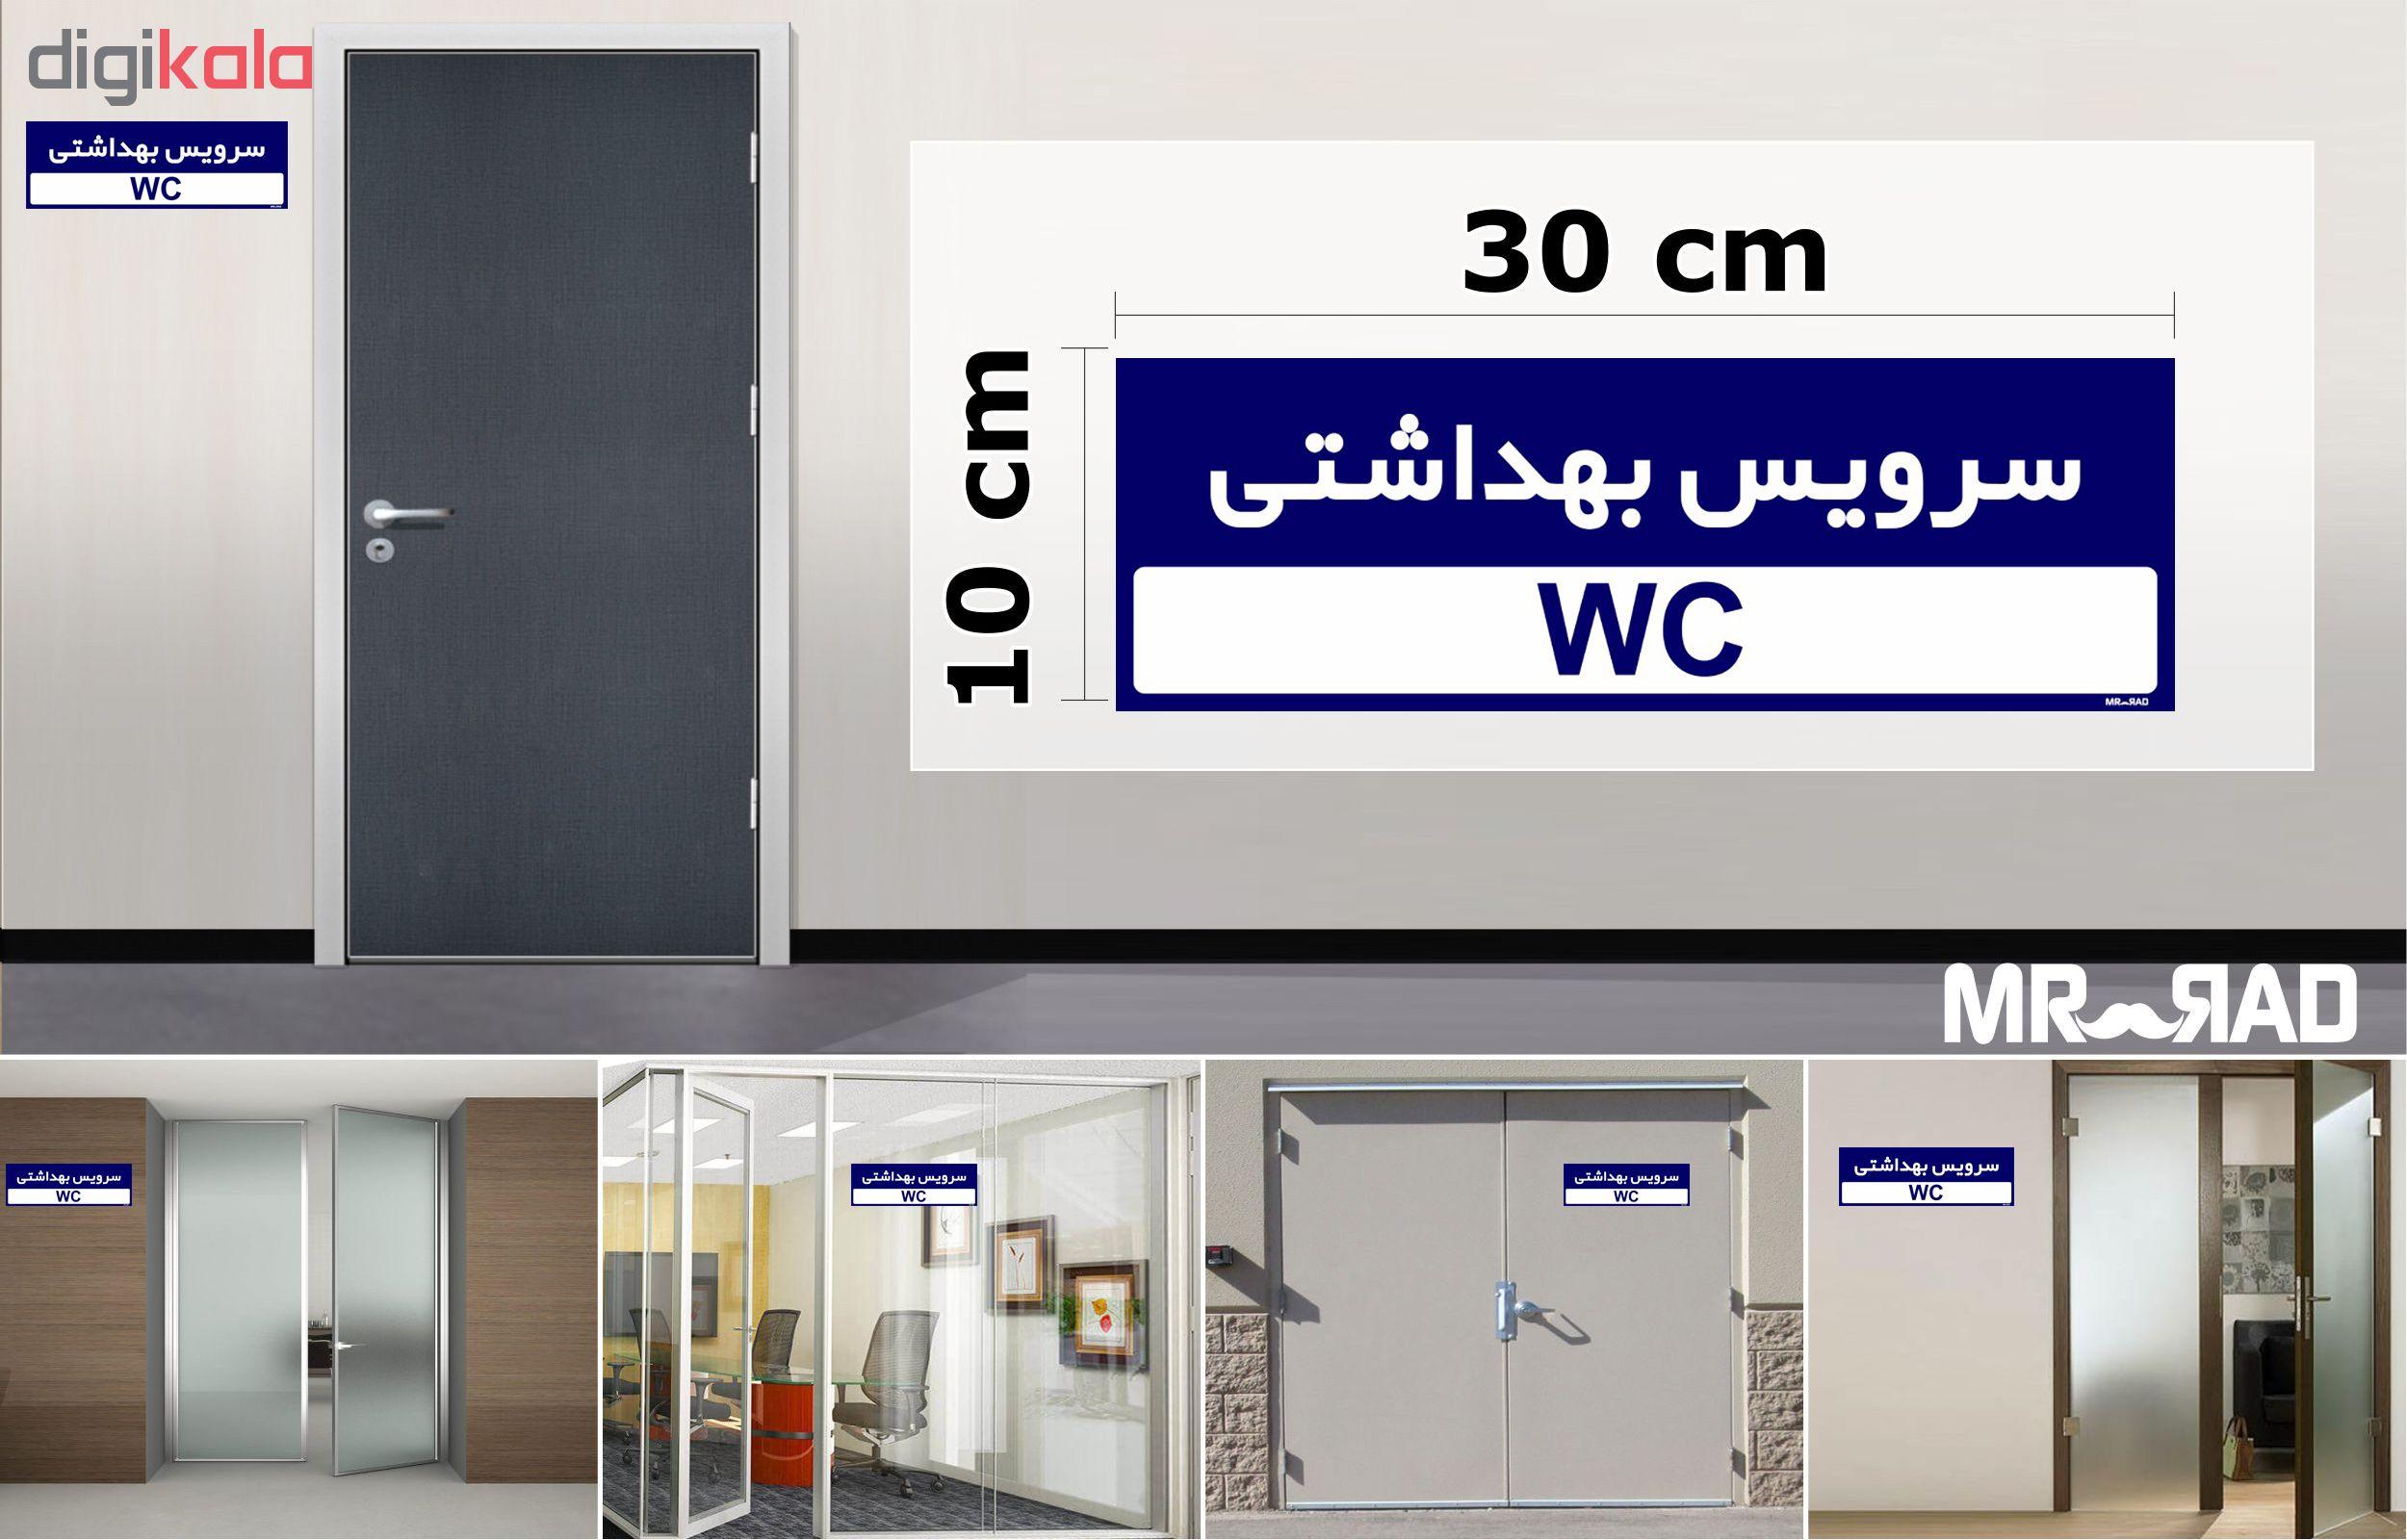 تابلو راهنمای اتاق FG طرح سرویس بهداشتی کدTHO0266